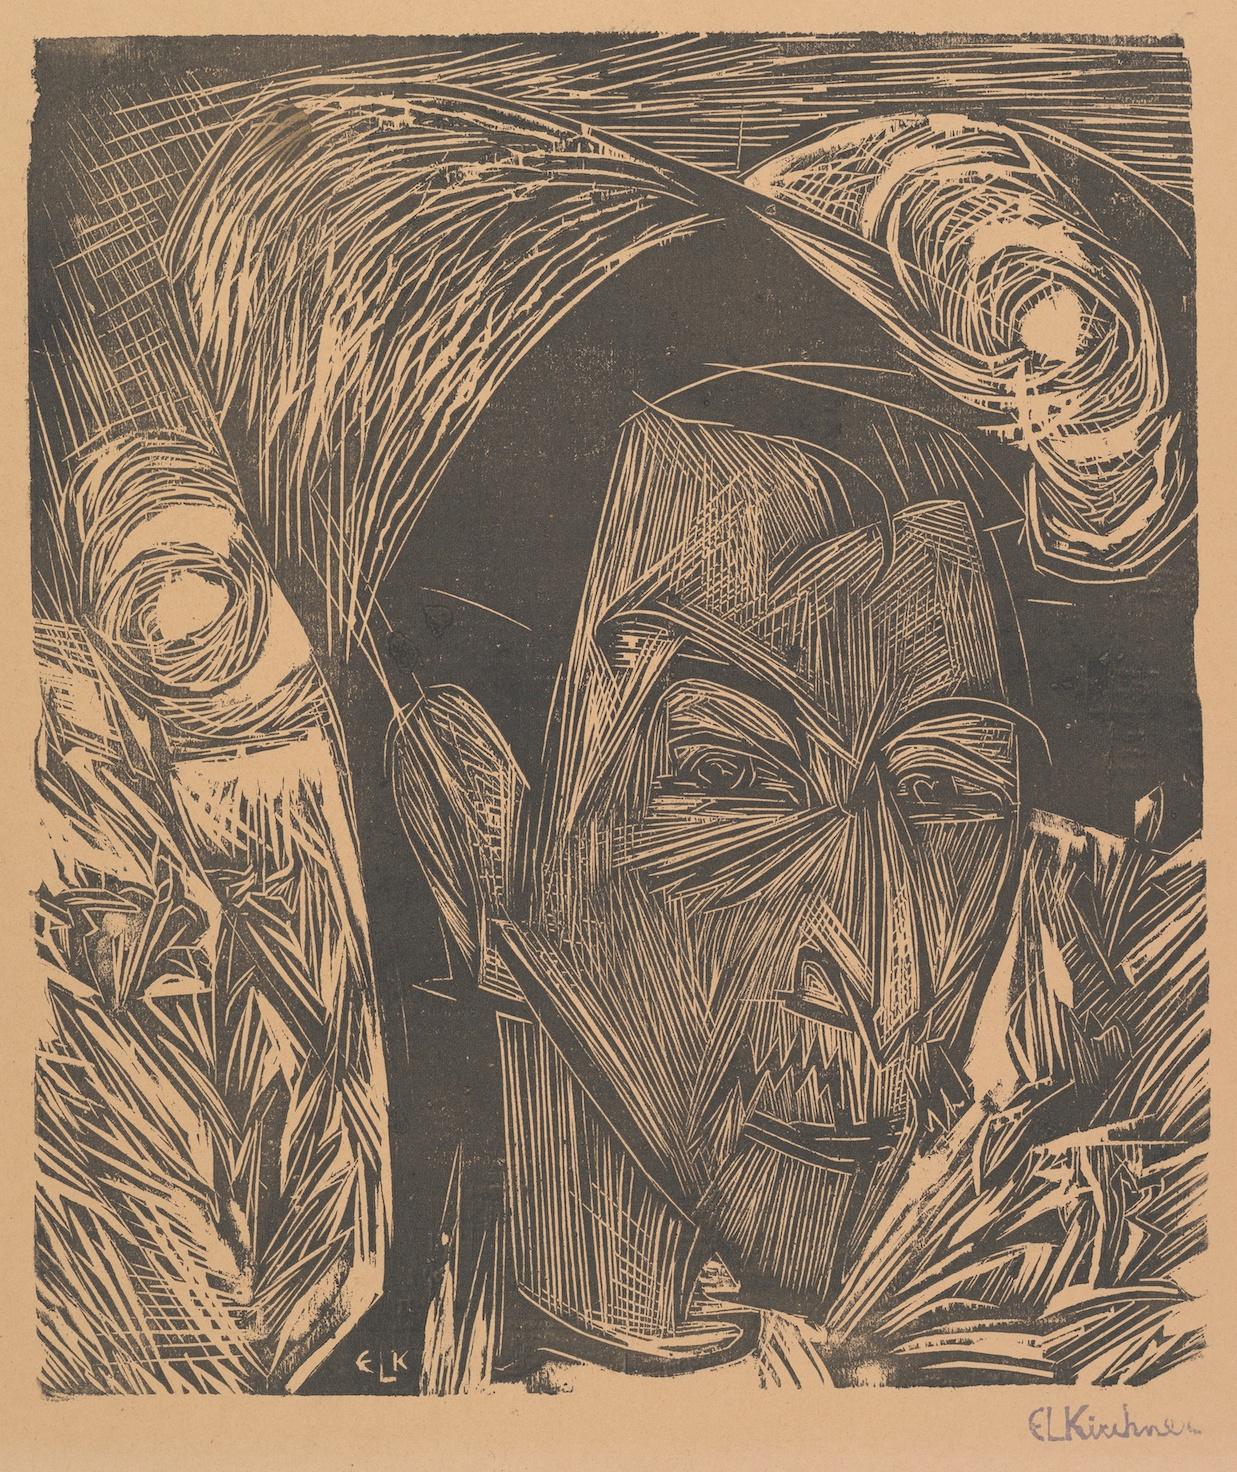 Ernst Ludwig Kirchner - Portrait of David Müller - Wood engraving - 1919